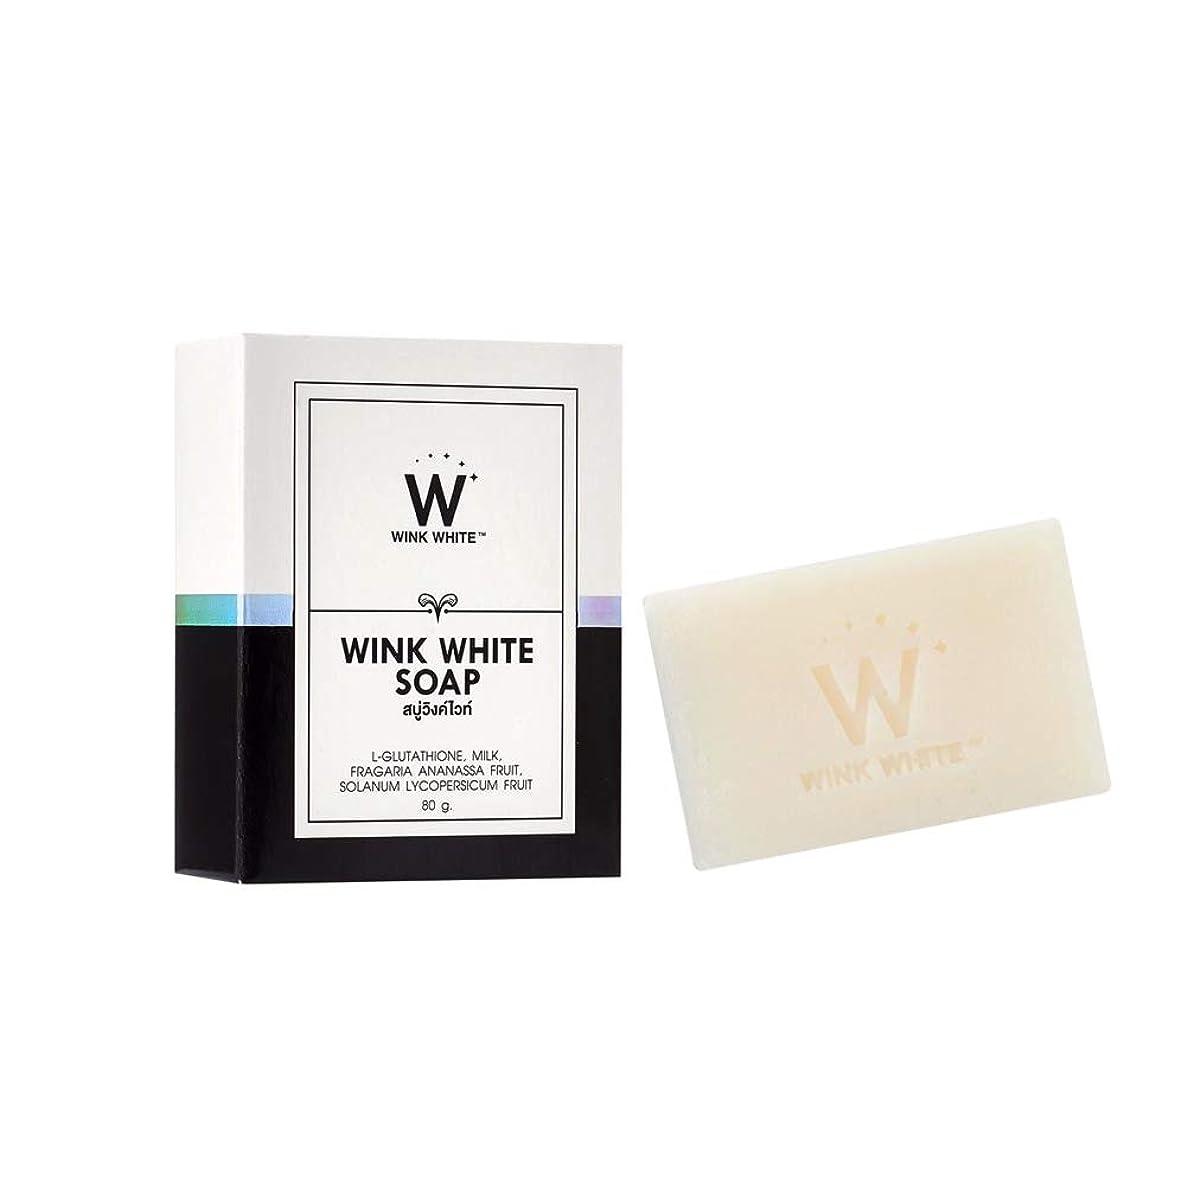 厚い数値宣言するSoap Net Nature White Soap Base Wink White Soap Gluta Pure Skin Body Whitening Strawberry for Whitening Skin All Natural Milled Goats Milk